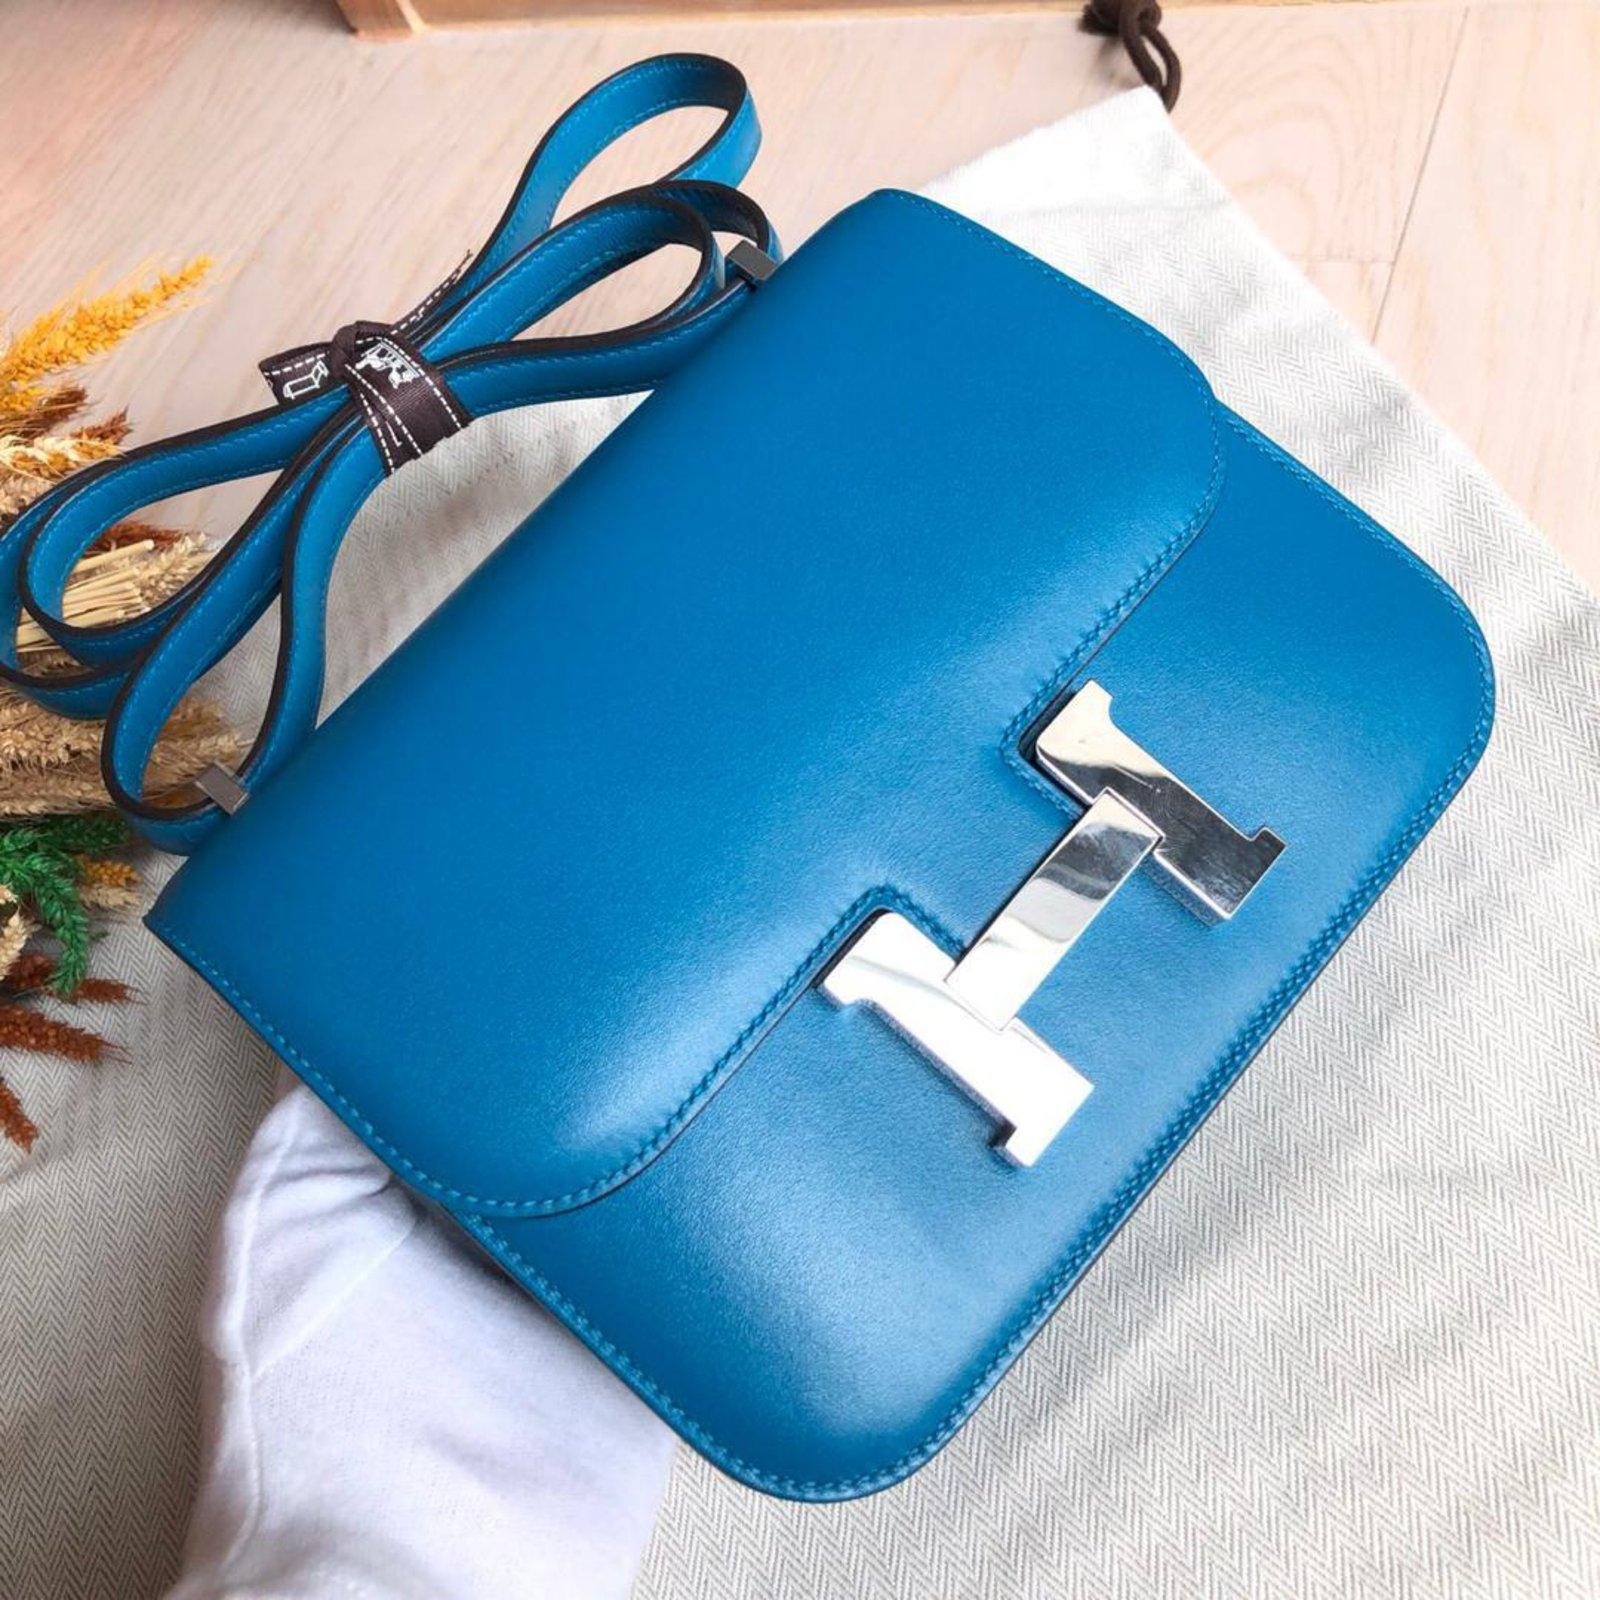 e2cfd242e6ab Hermès Constance 18 Blue Izmir Tadelakt PHW Handbags Leather Blue ref.88967  - Joli Closet